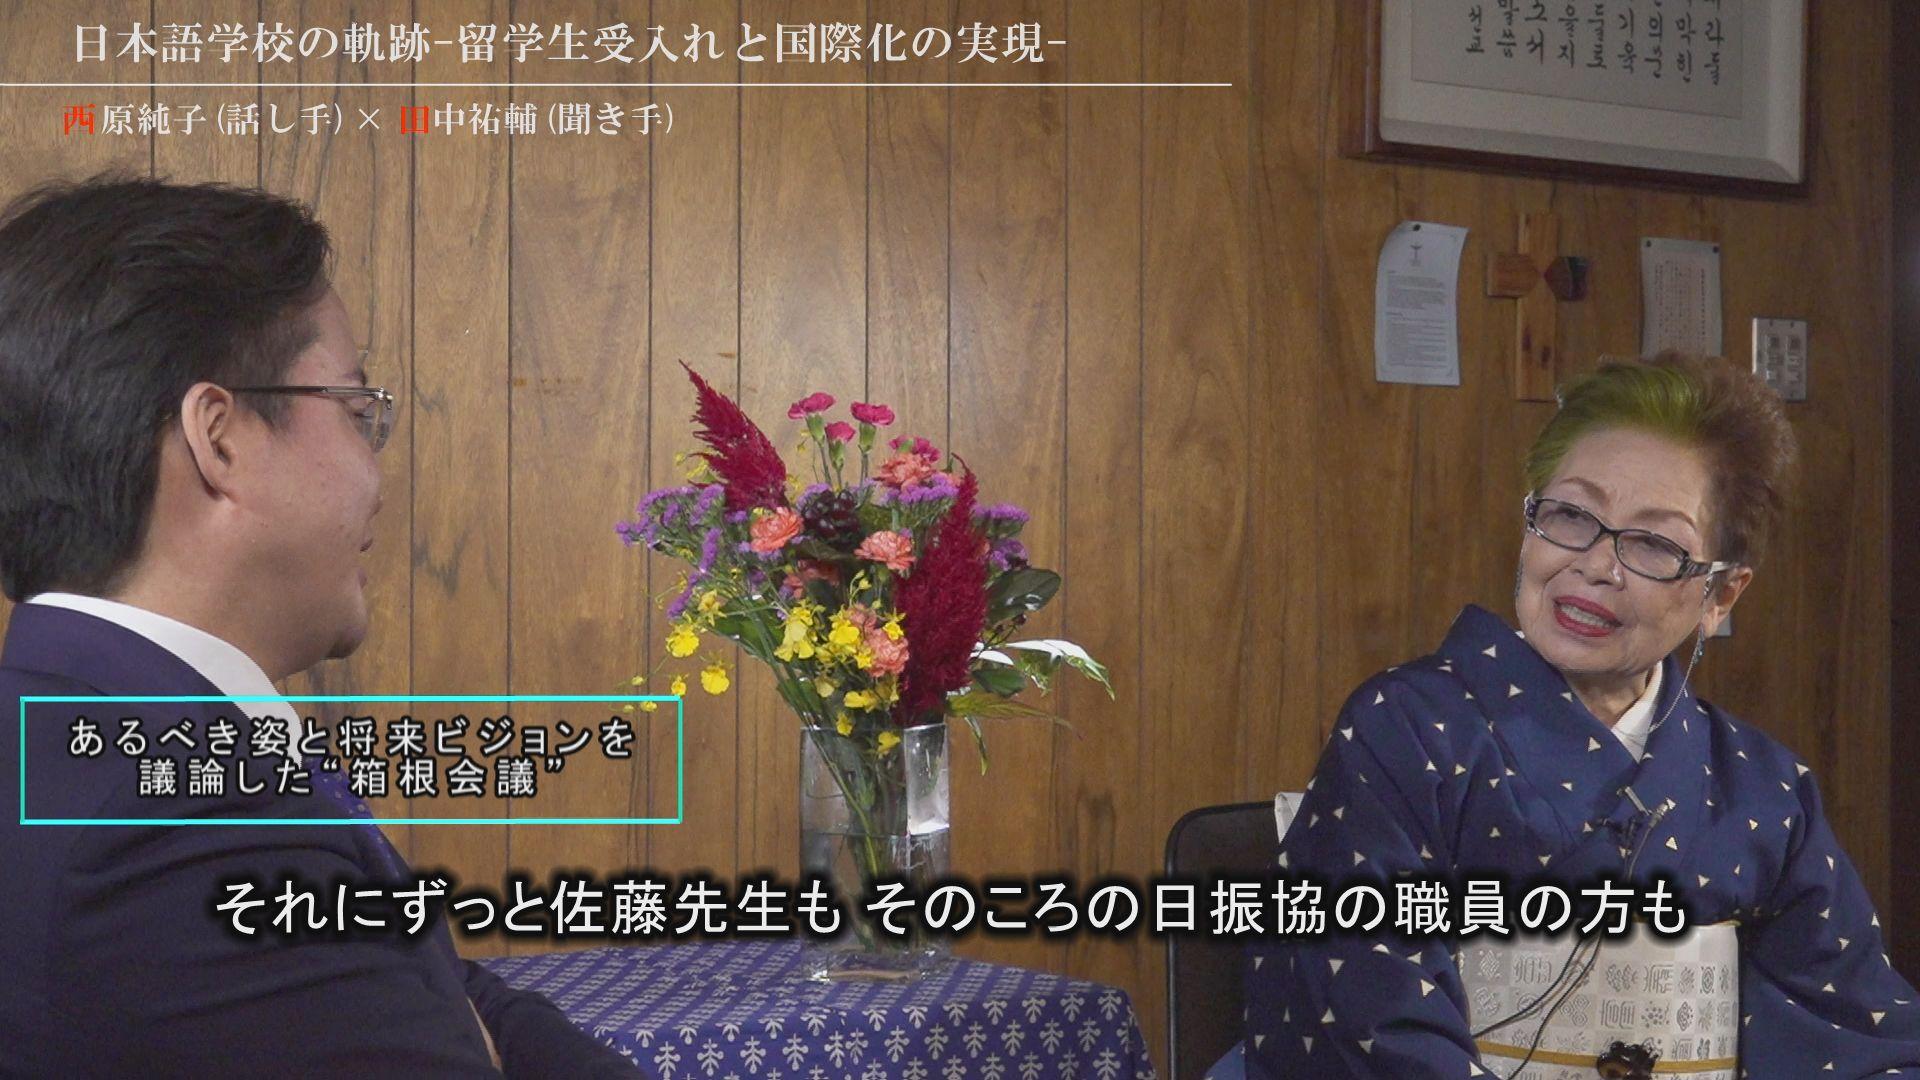 文化庁 令和2年度日本語教育大会(WEB大会)の撮影・動画編集